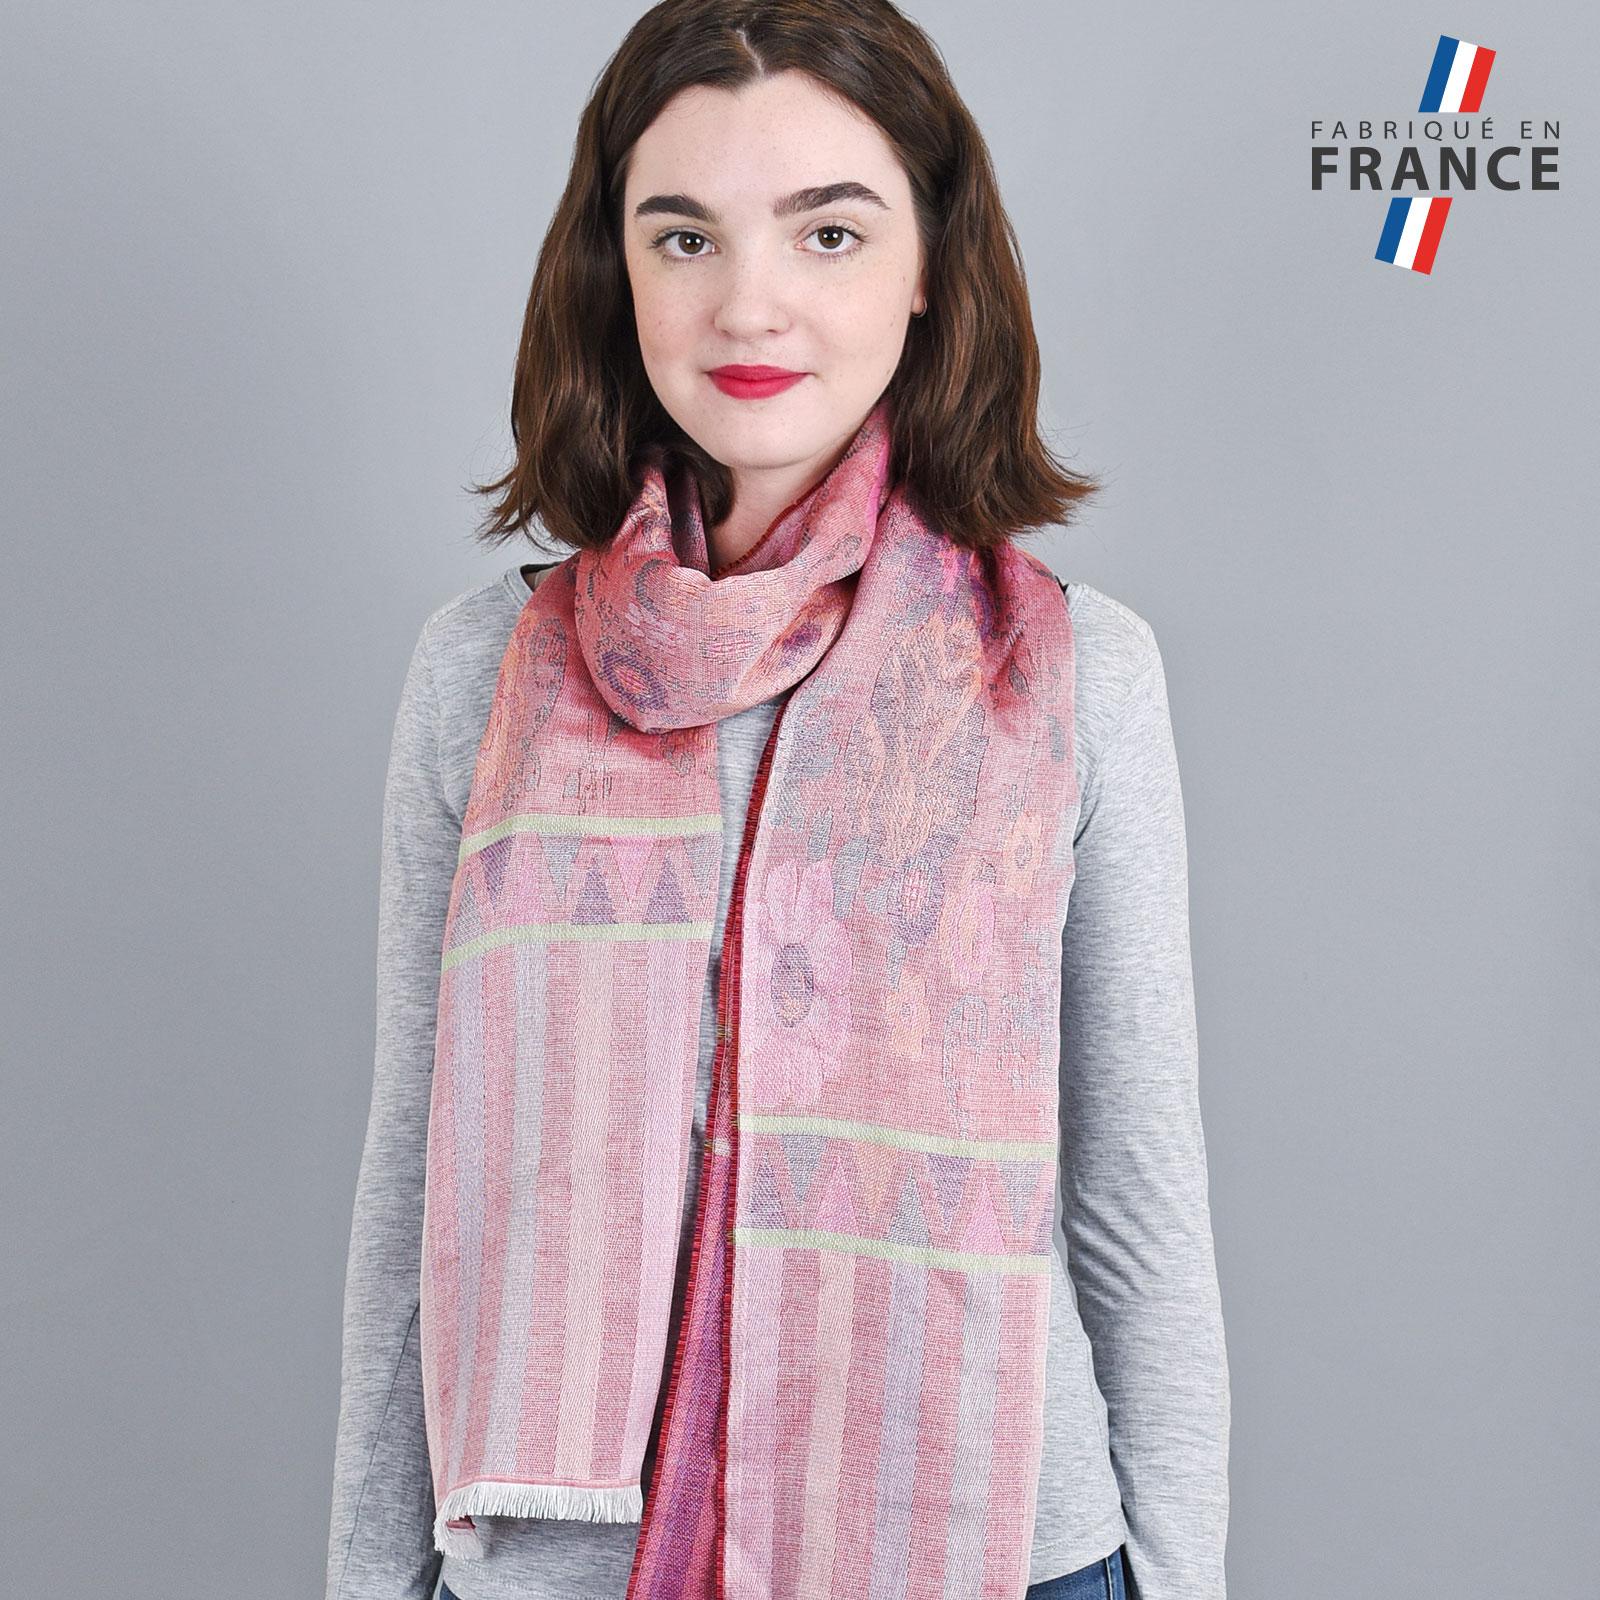 AT-04232-VF16-LB_FR-echarpe-legere-fabriquee-en-france-bandes-fleurs-rouge-pourpre